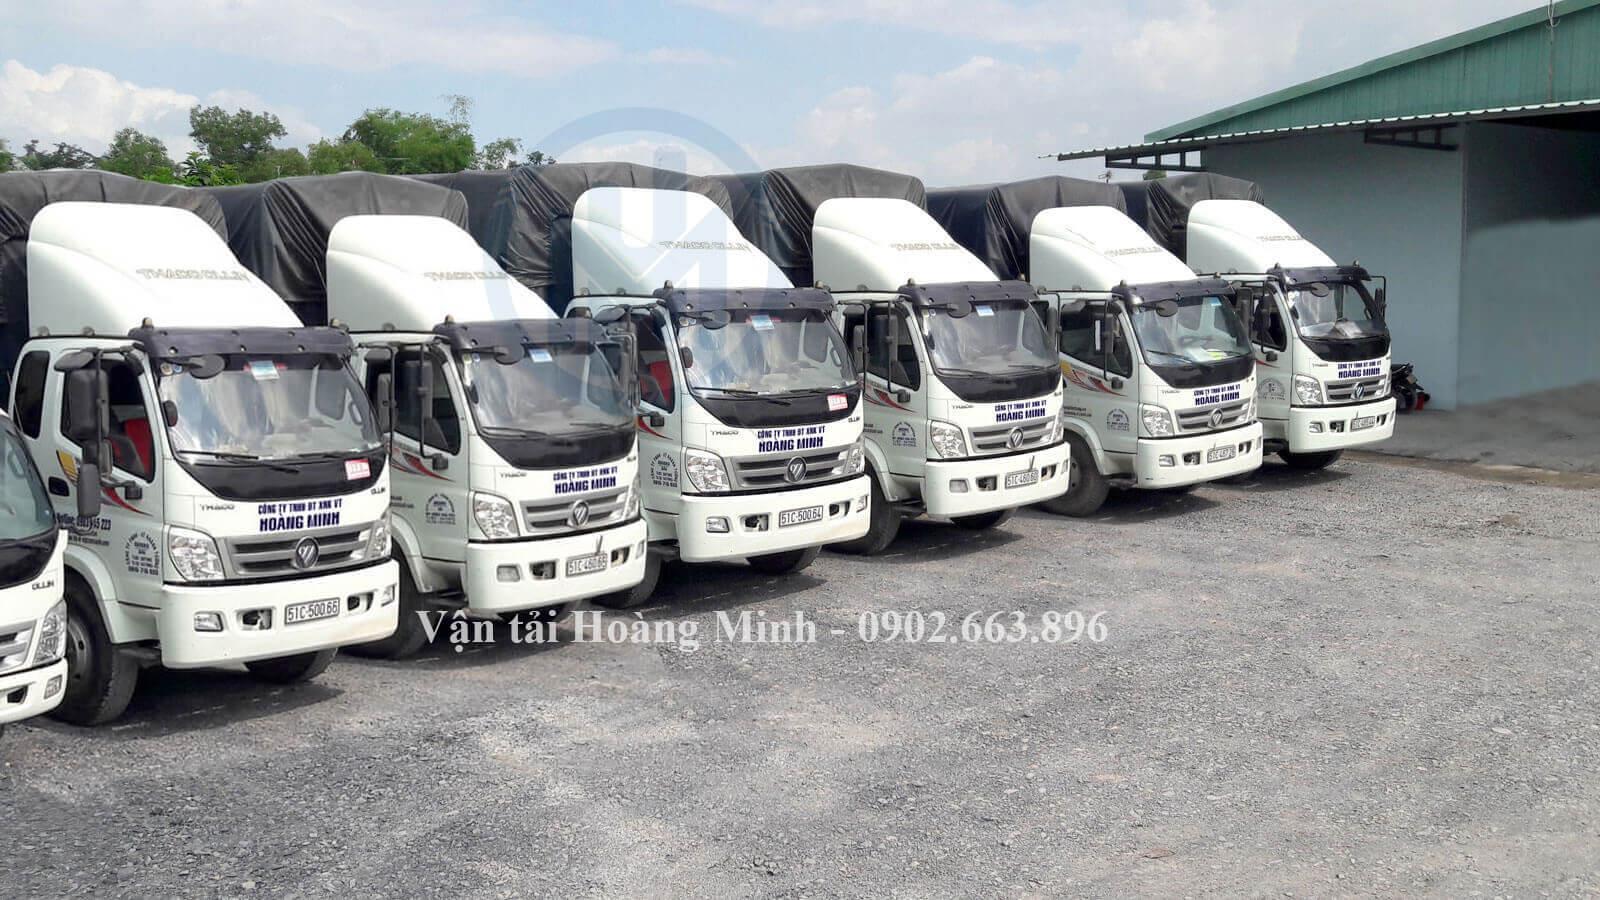 Vận tải Hoàng Minh cung cấp các loại xe tải vận chuyển nào